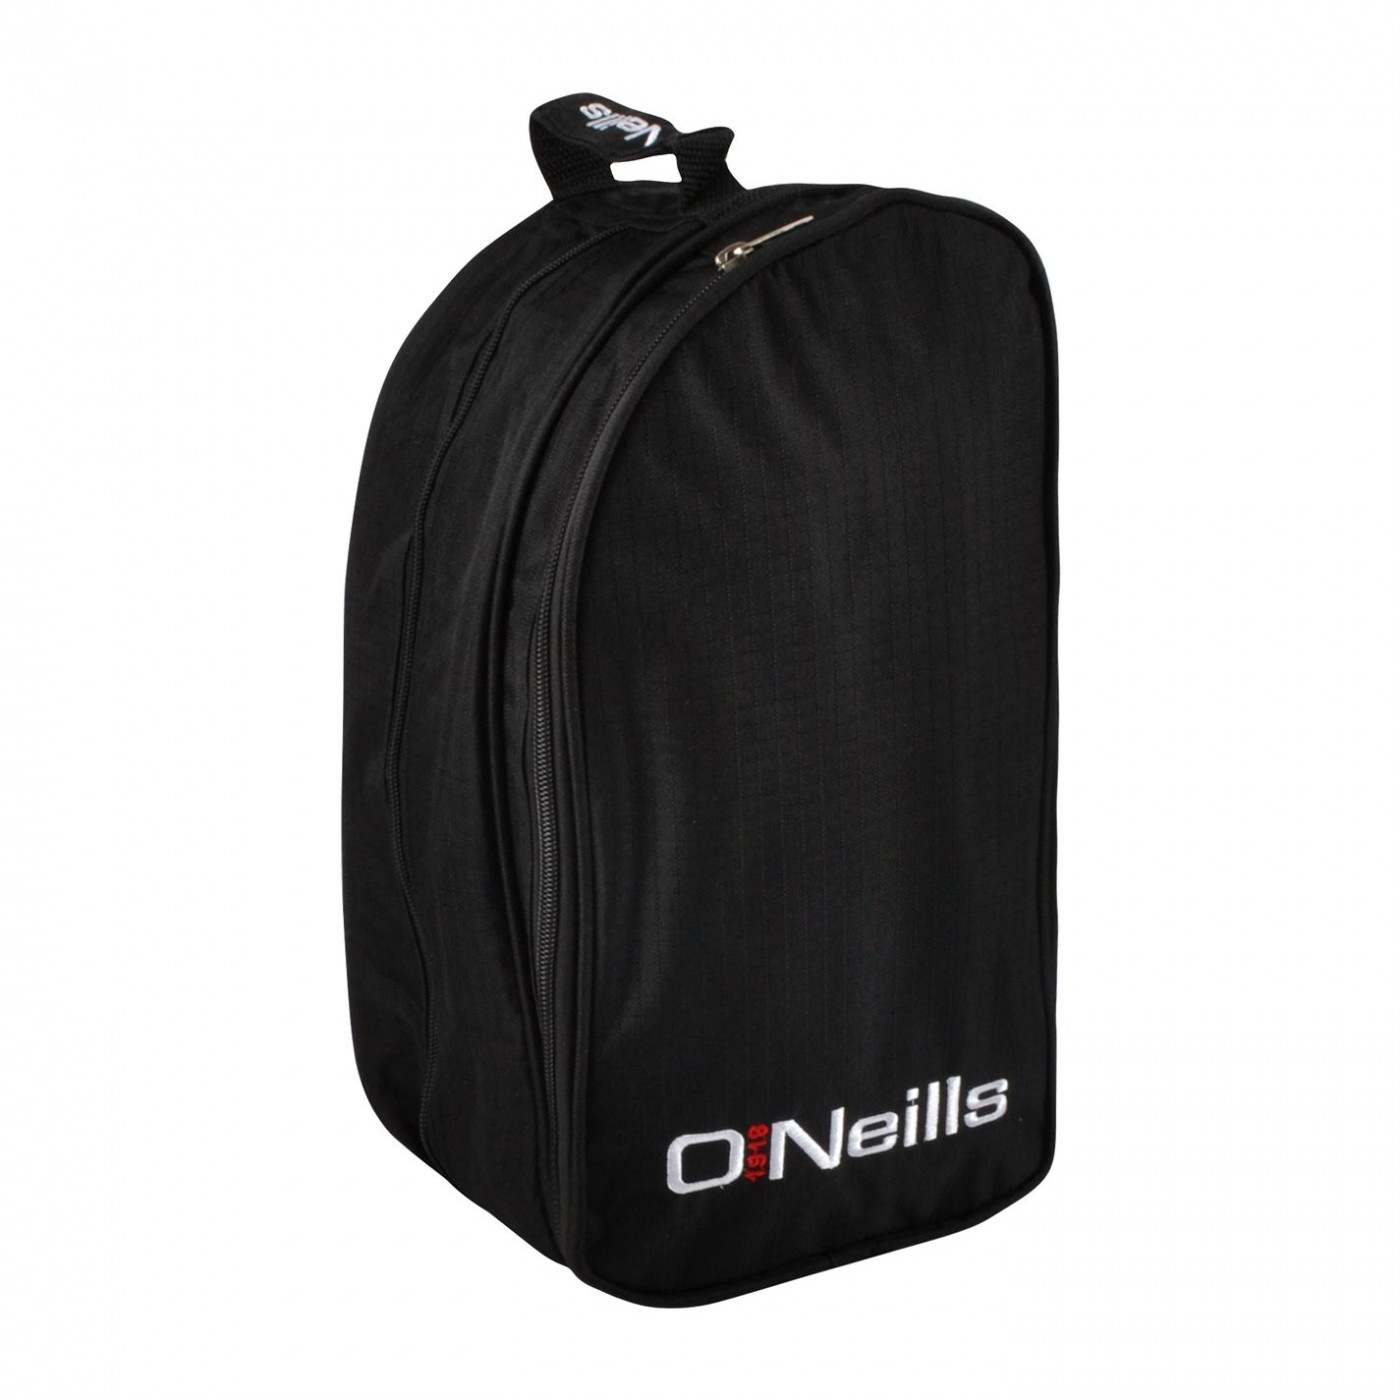 ONeills Football Boots Bag